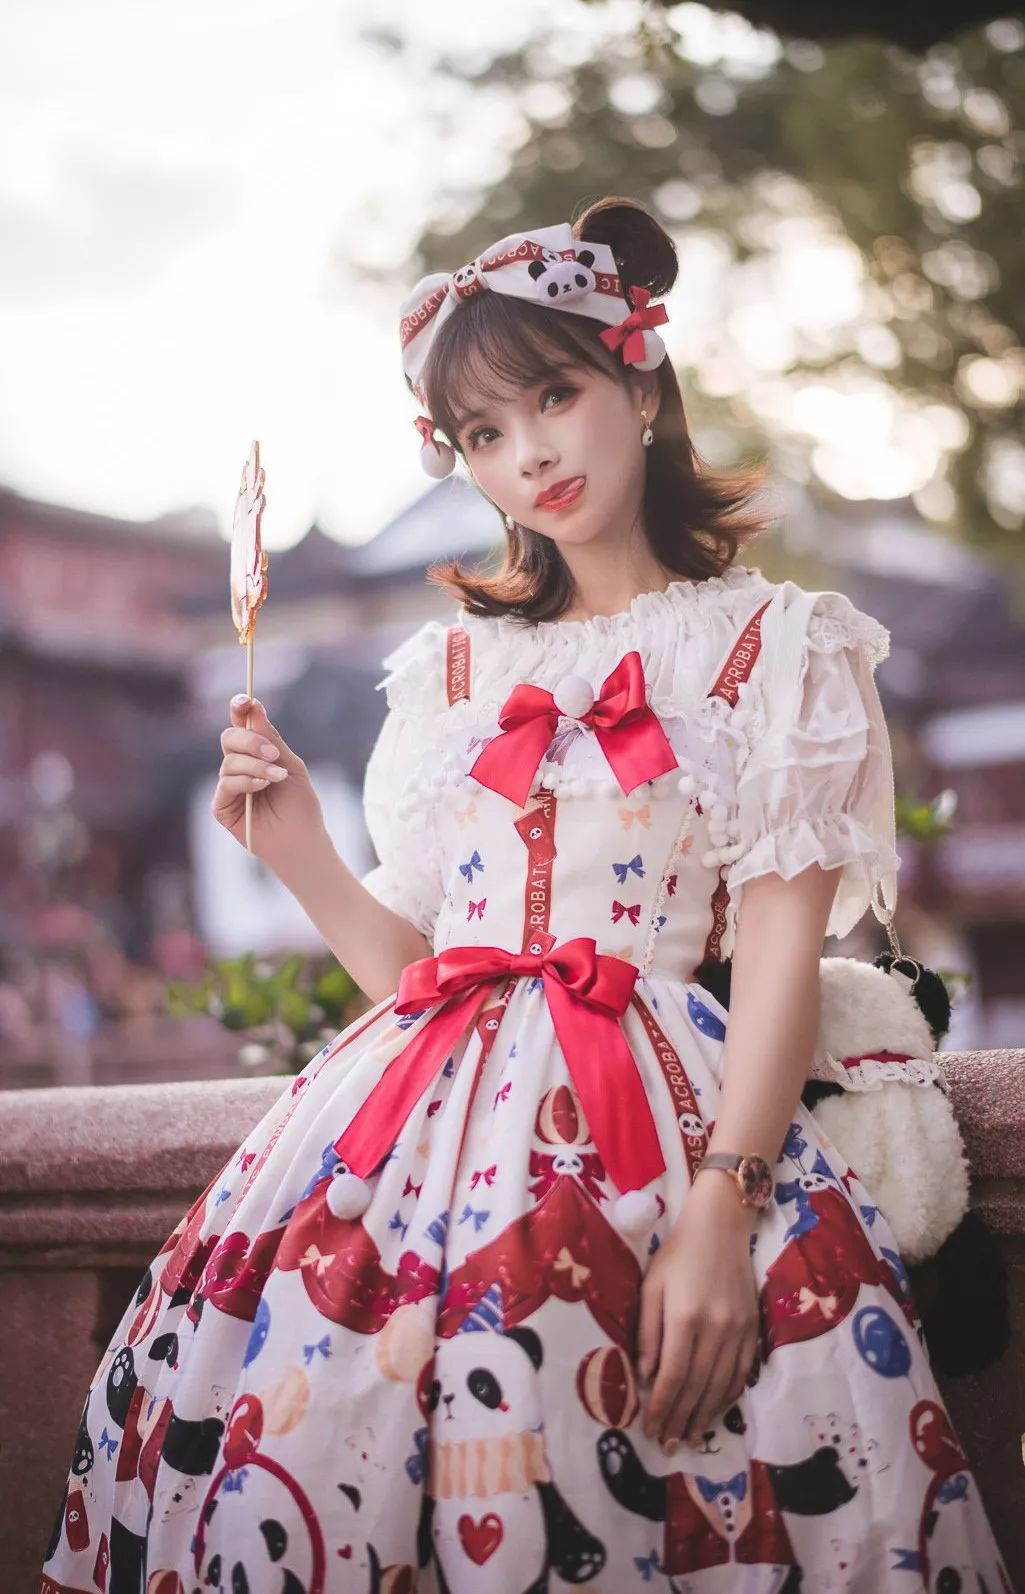 妹子摄影 – 鬼马精灵Lolita女孩@-谢安然-外出旅拍_图片 No.18